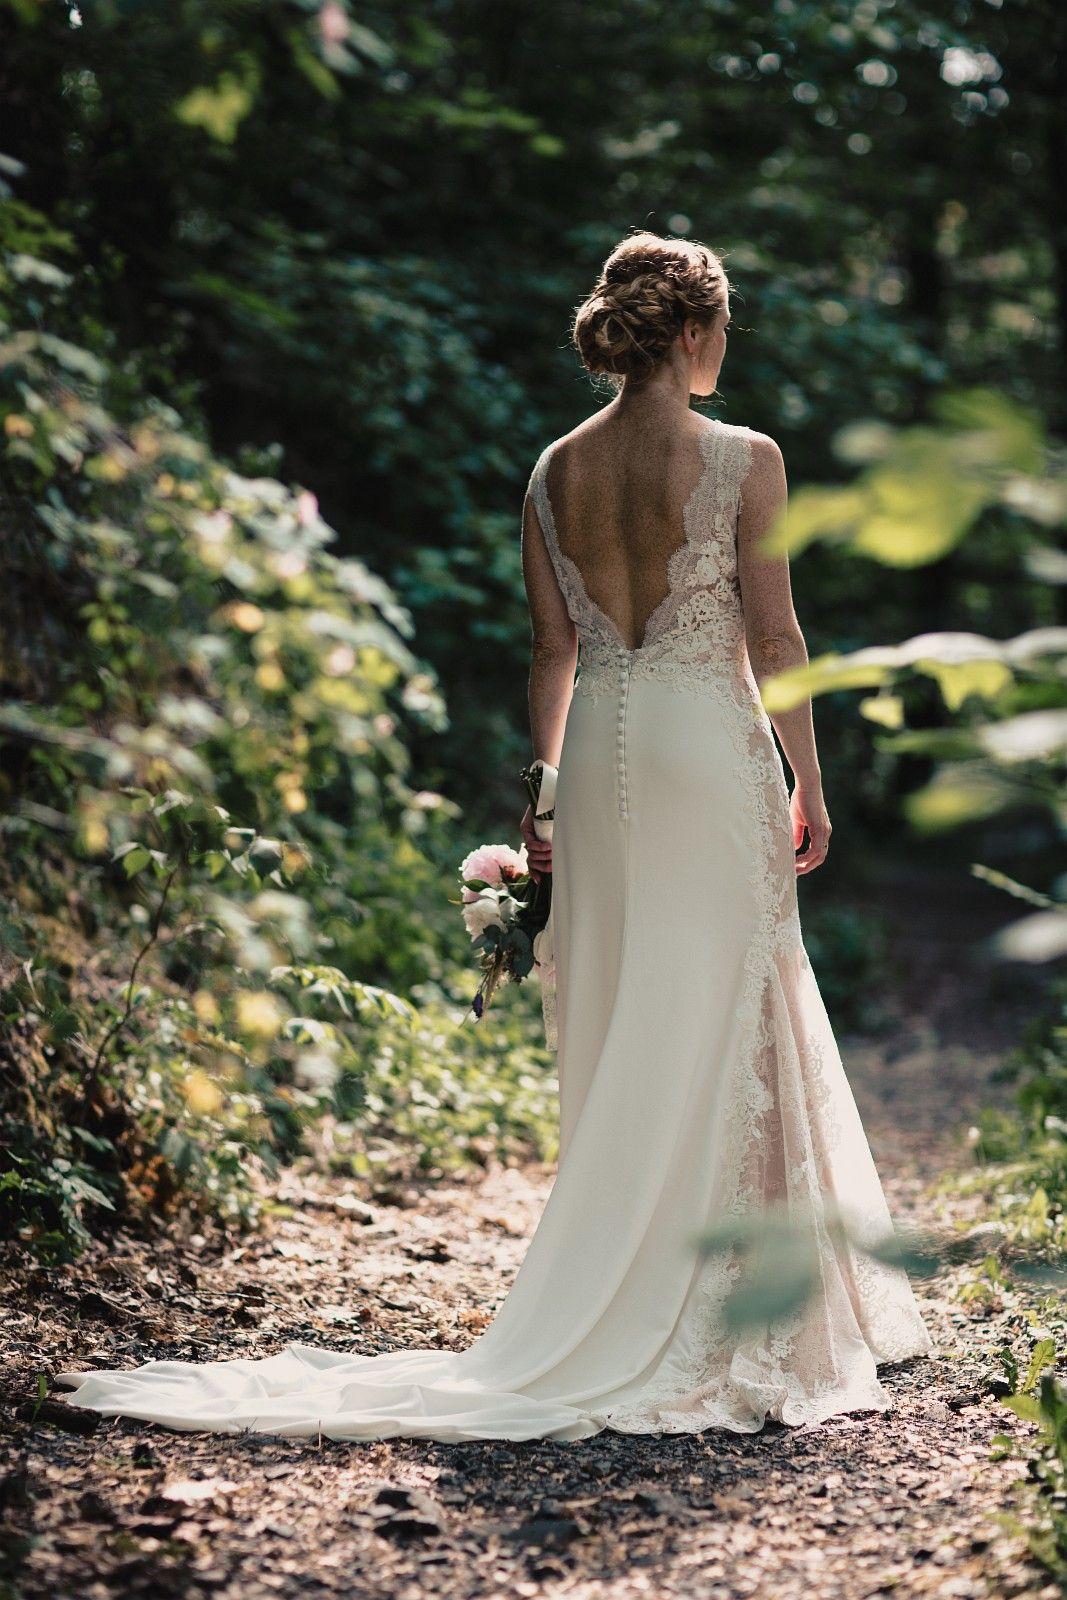 bf4f4ca7 Elegant brudekjole fra St. Patrick med vakre detaljer | FINN.no